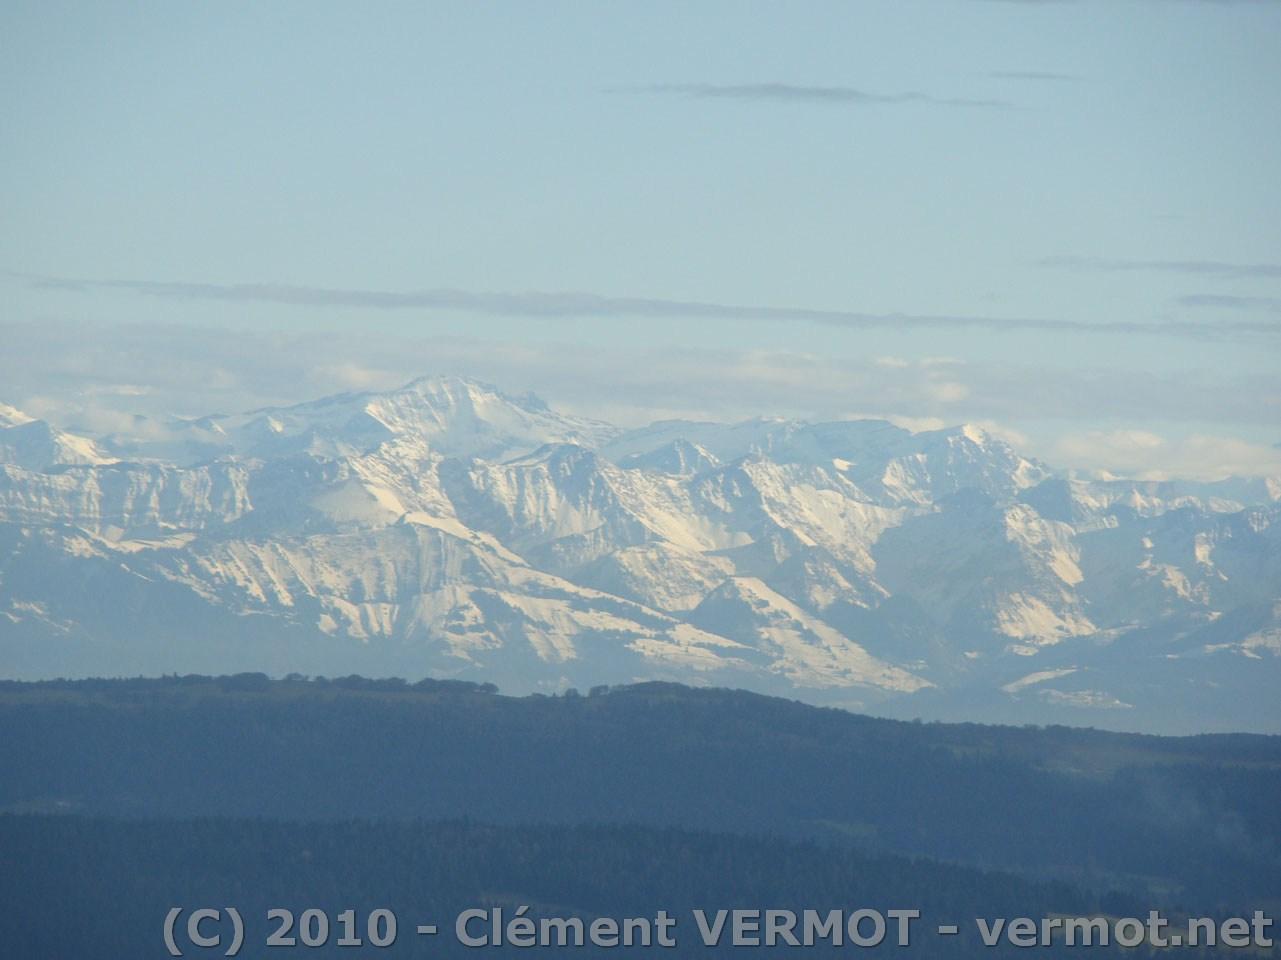 Gros plan sur les Alpes